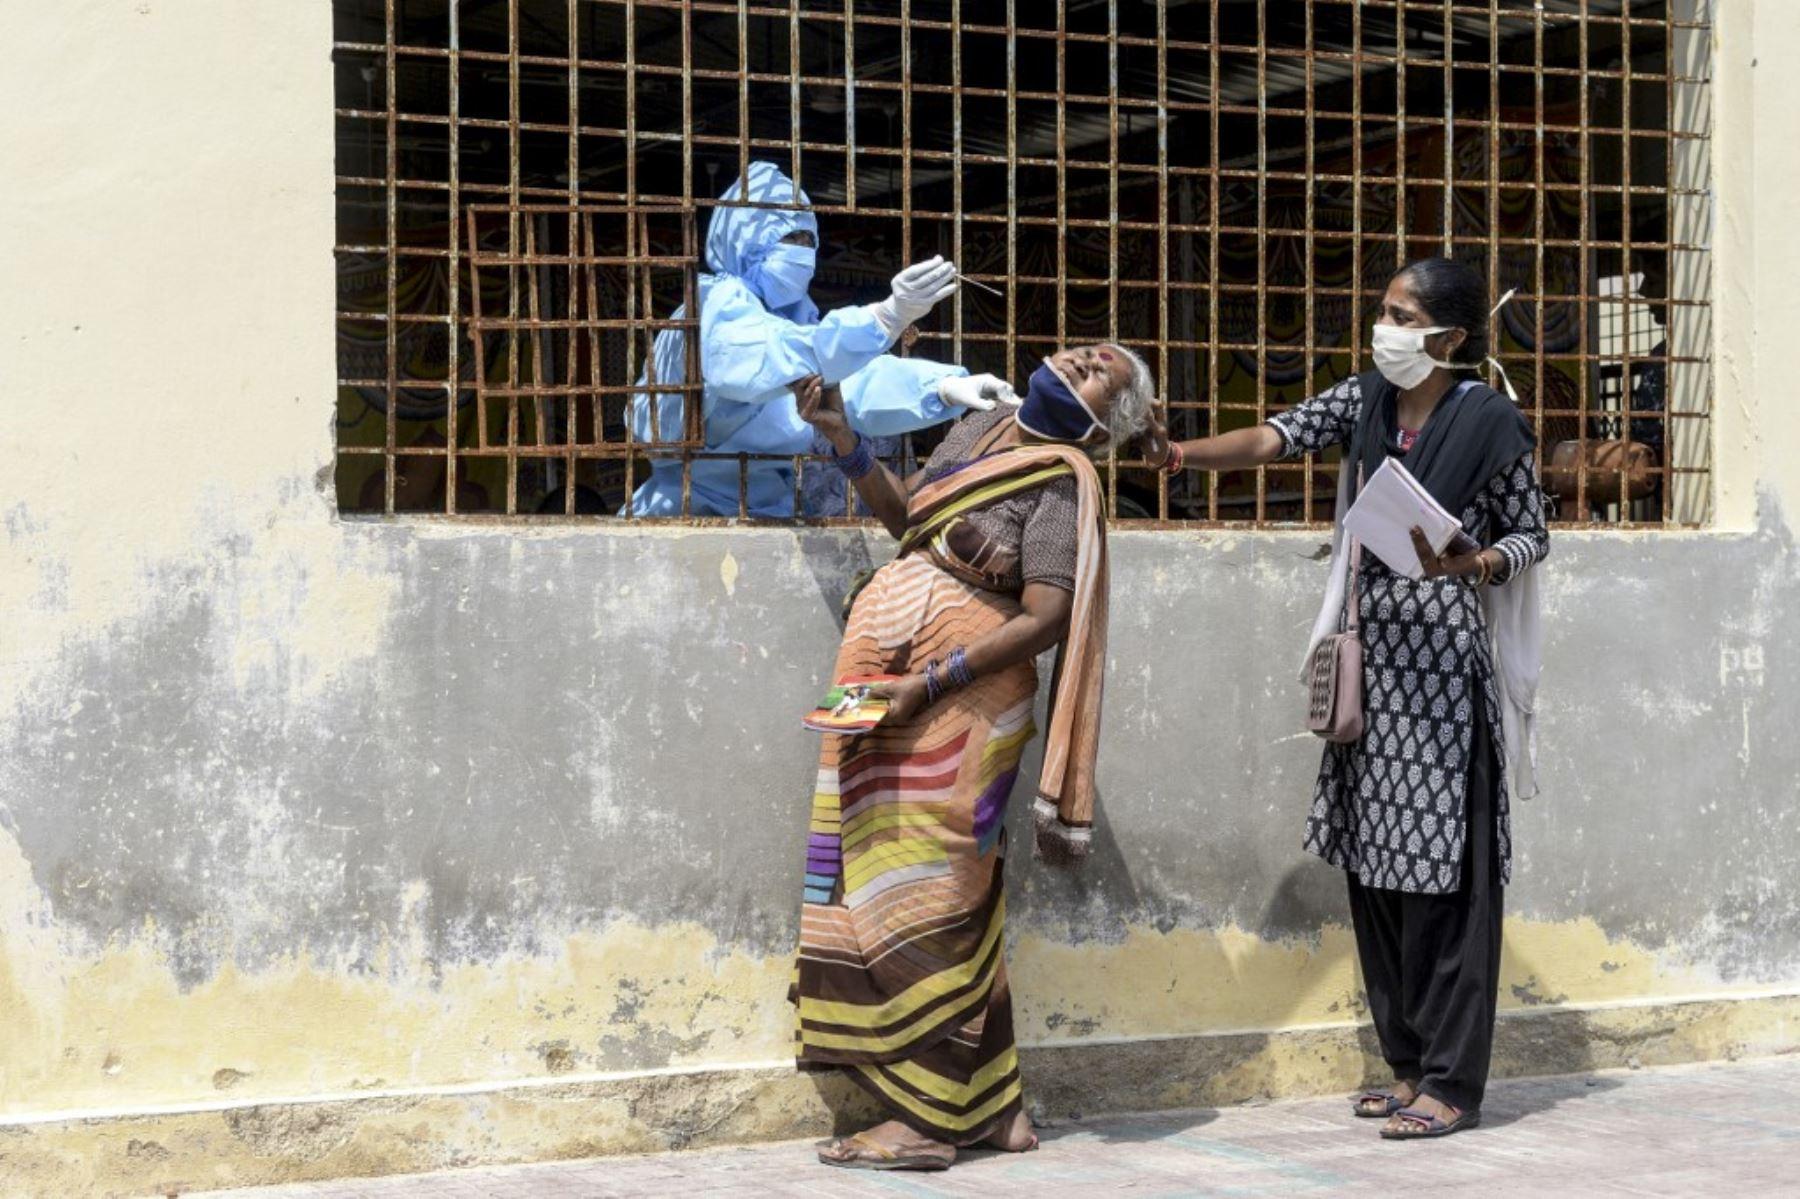 Una mujer reacciona cuando una trabajadora de salud le toma una muestra de hisopo para realizar una prueba del coronavirus Covid-19 antes de ir a un campamento médico para víctimas de inundaciones en un barrio pobre después de las fuertes lluvias en Hyderabad. Foto: AFP